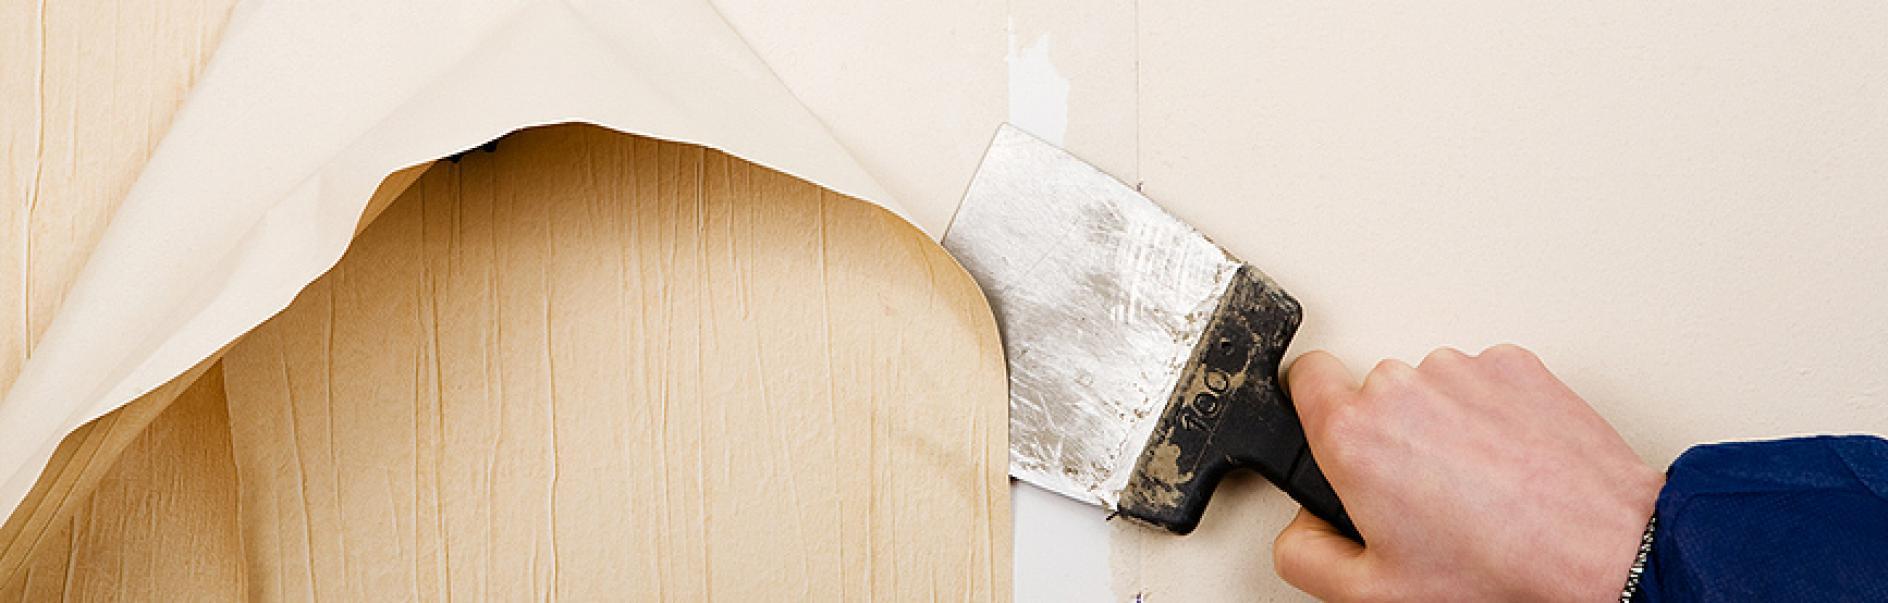 Spatule Décoller Papier Peint décoller du papier peint